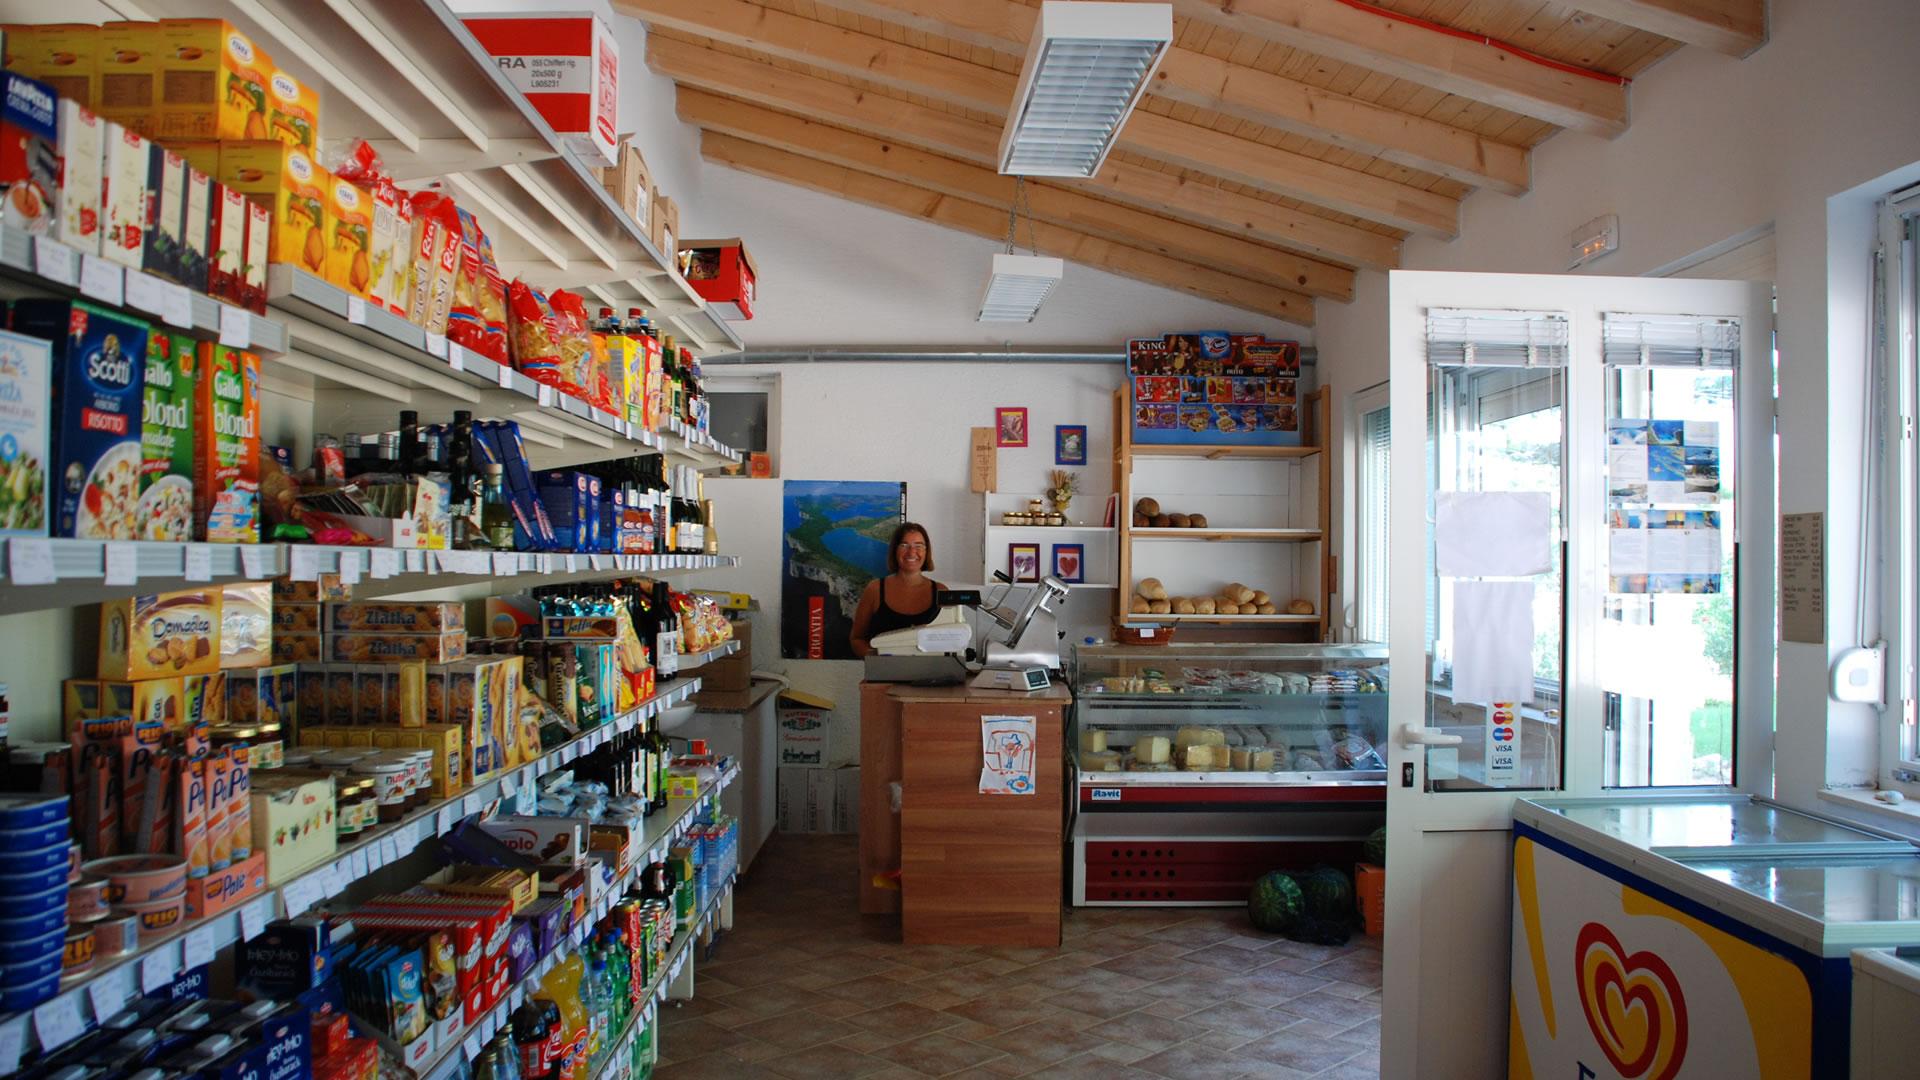 market-dugi-otok-croatia